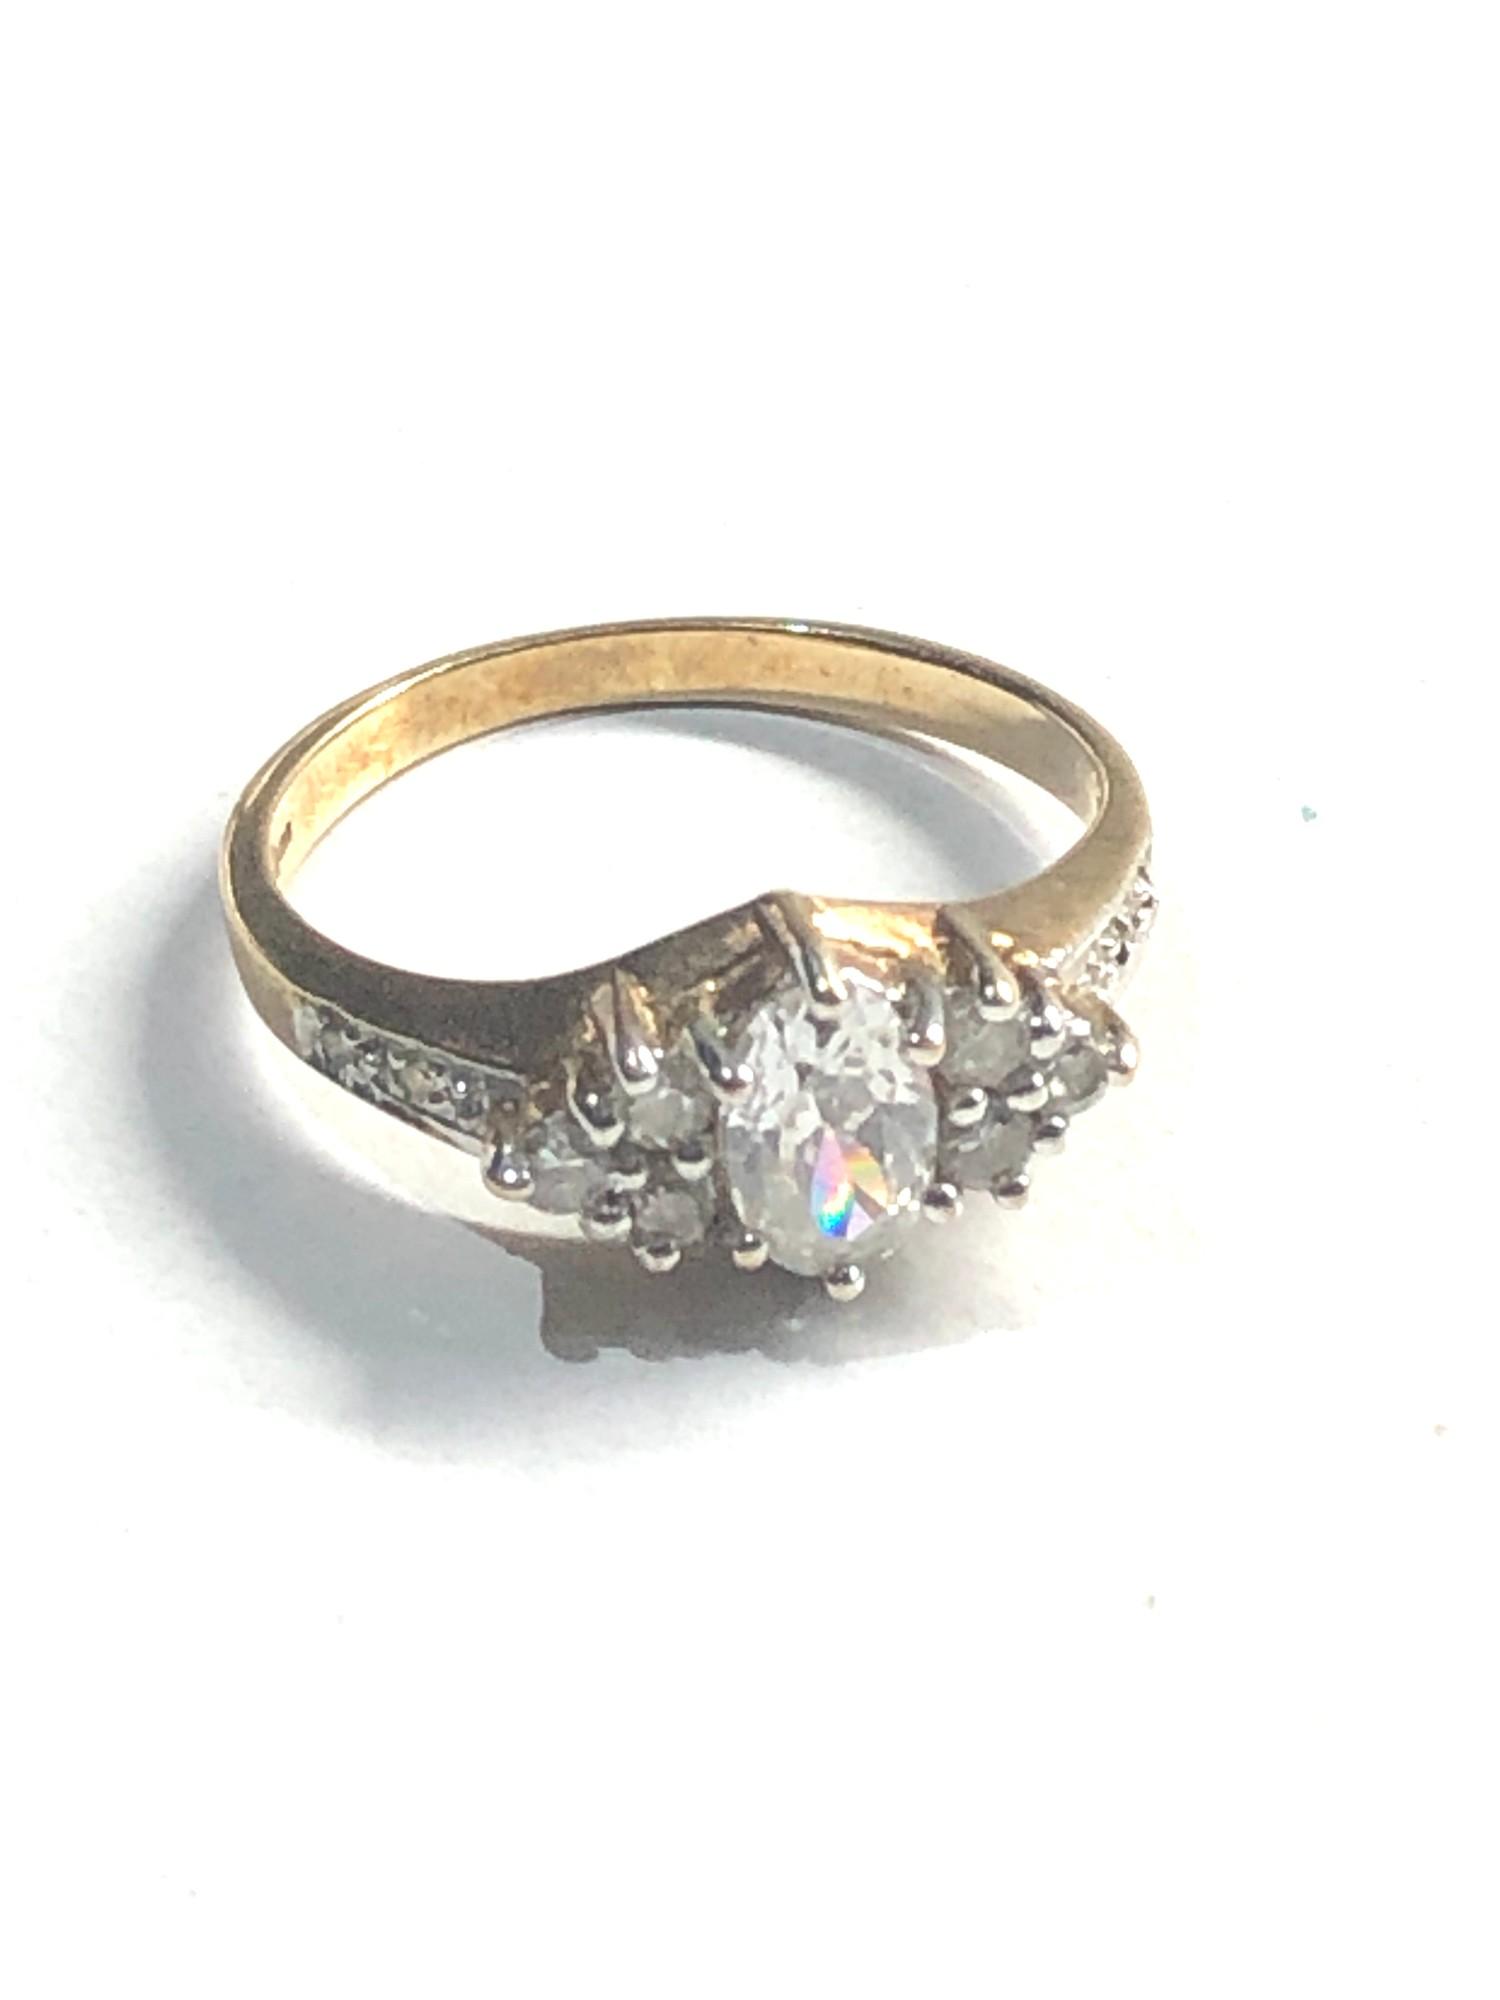 Vintage 9ct gold diamond shouldered ring 1.9g